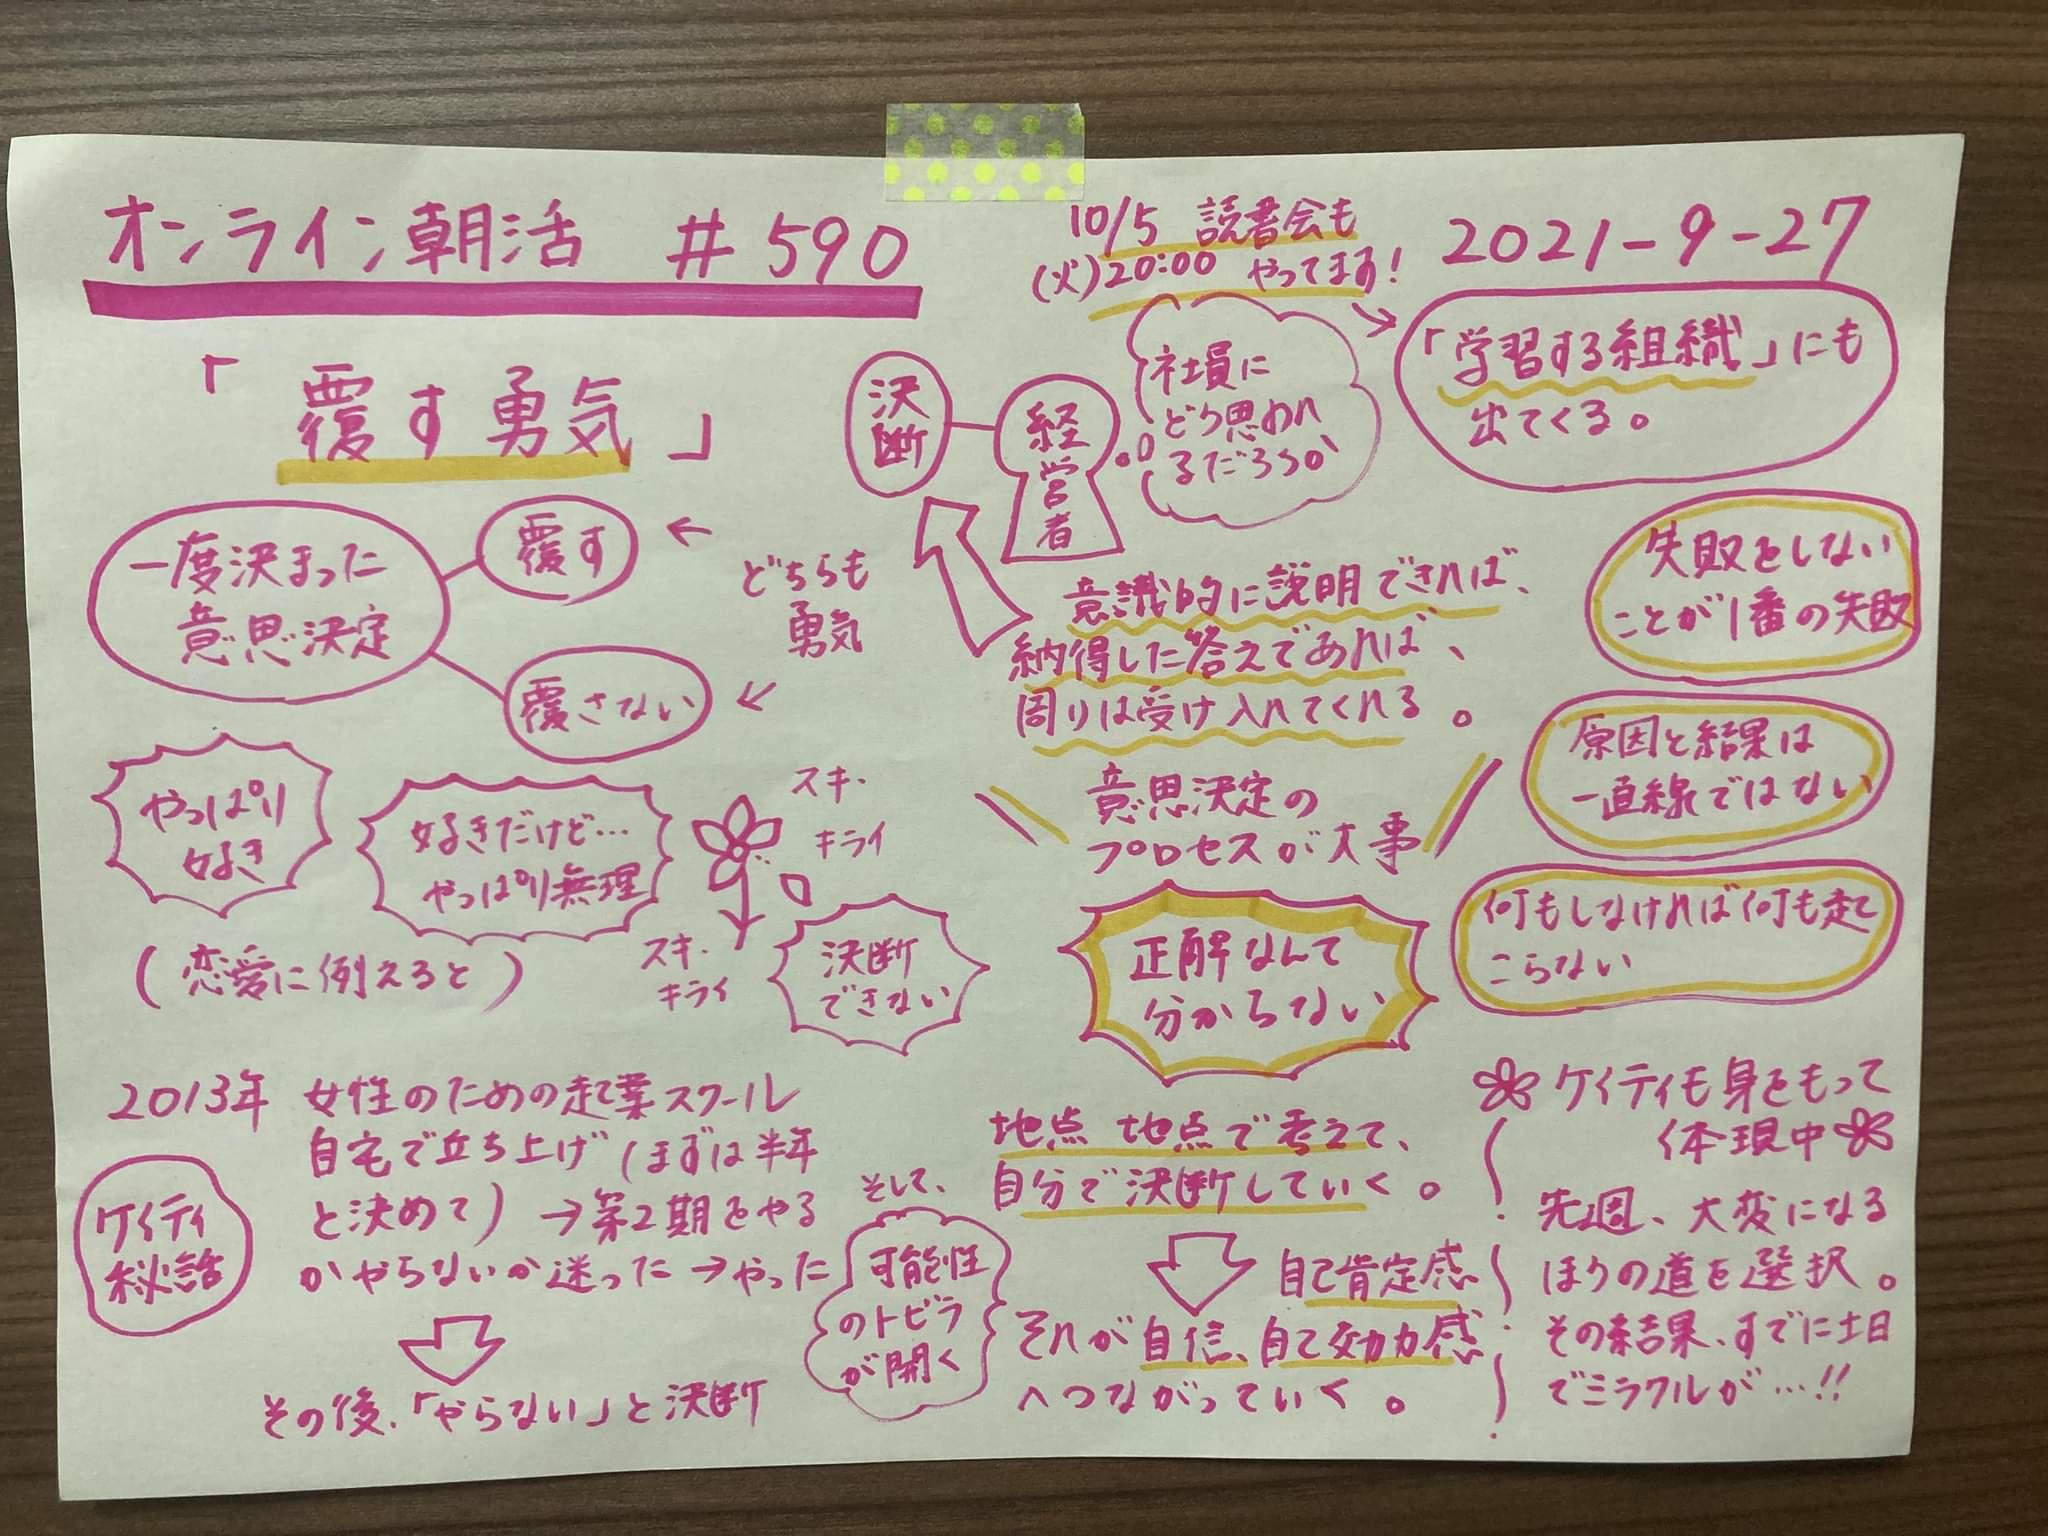 9/27(月)オンライン朝活 #590 覆す勇気